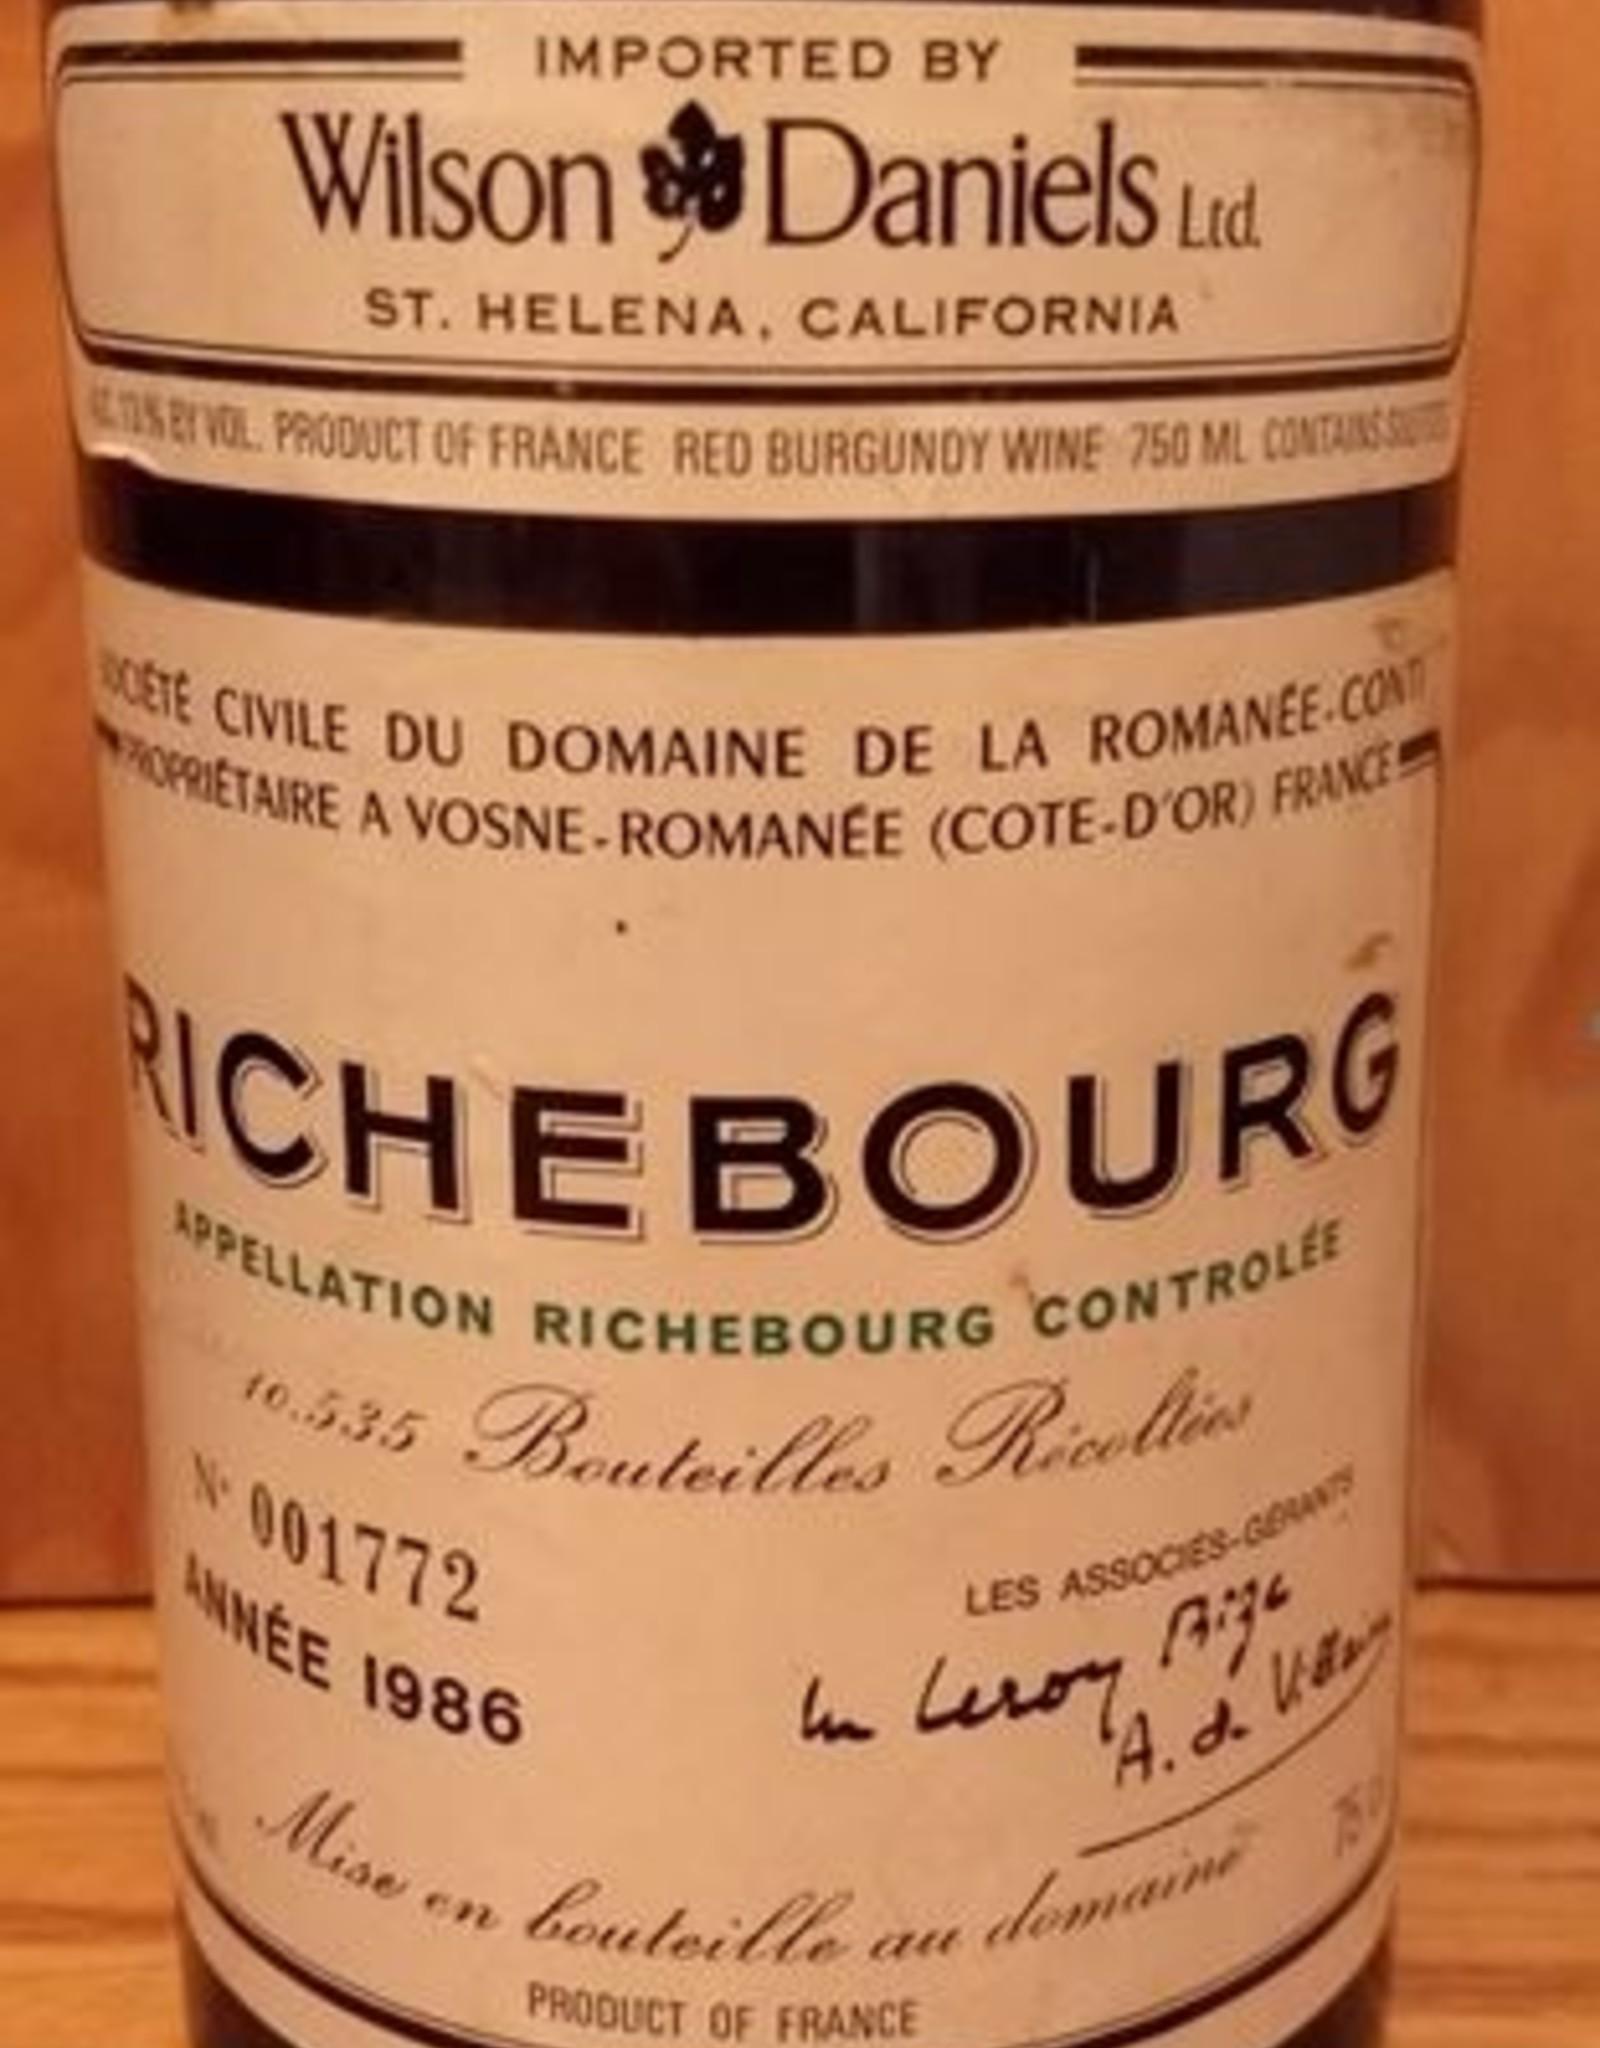 DRC Richebourg 1986